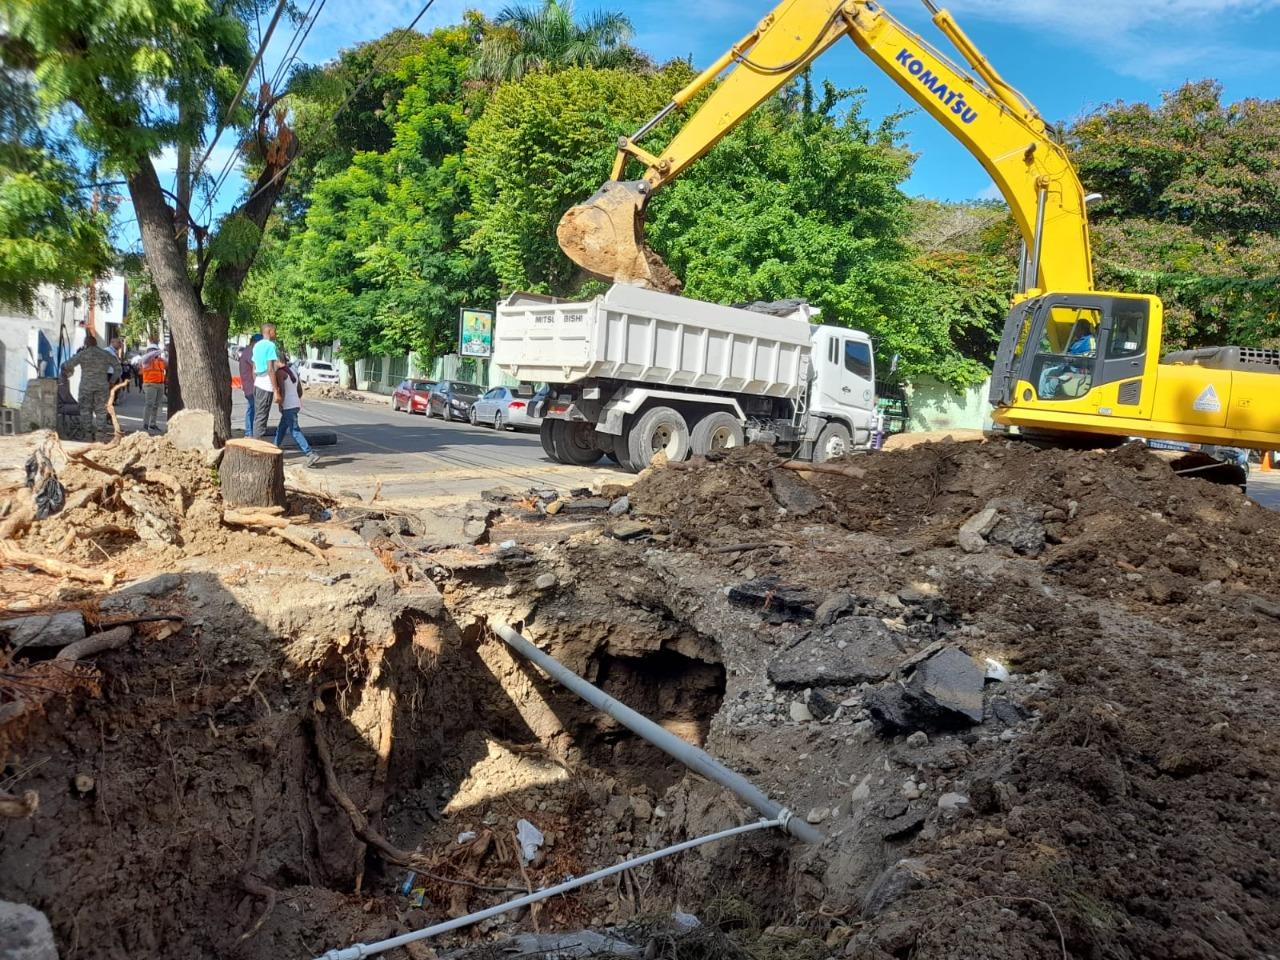 Rehabilitan área colapsada en el drenaje pluvial en calle Mella con prolongación Santomé  San Cristóbal.